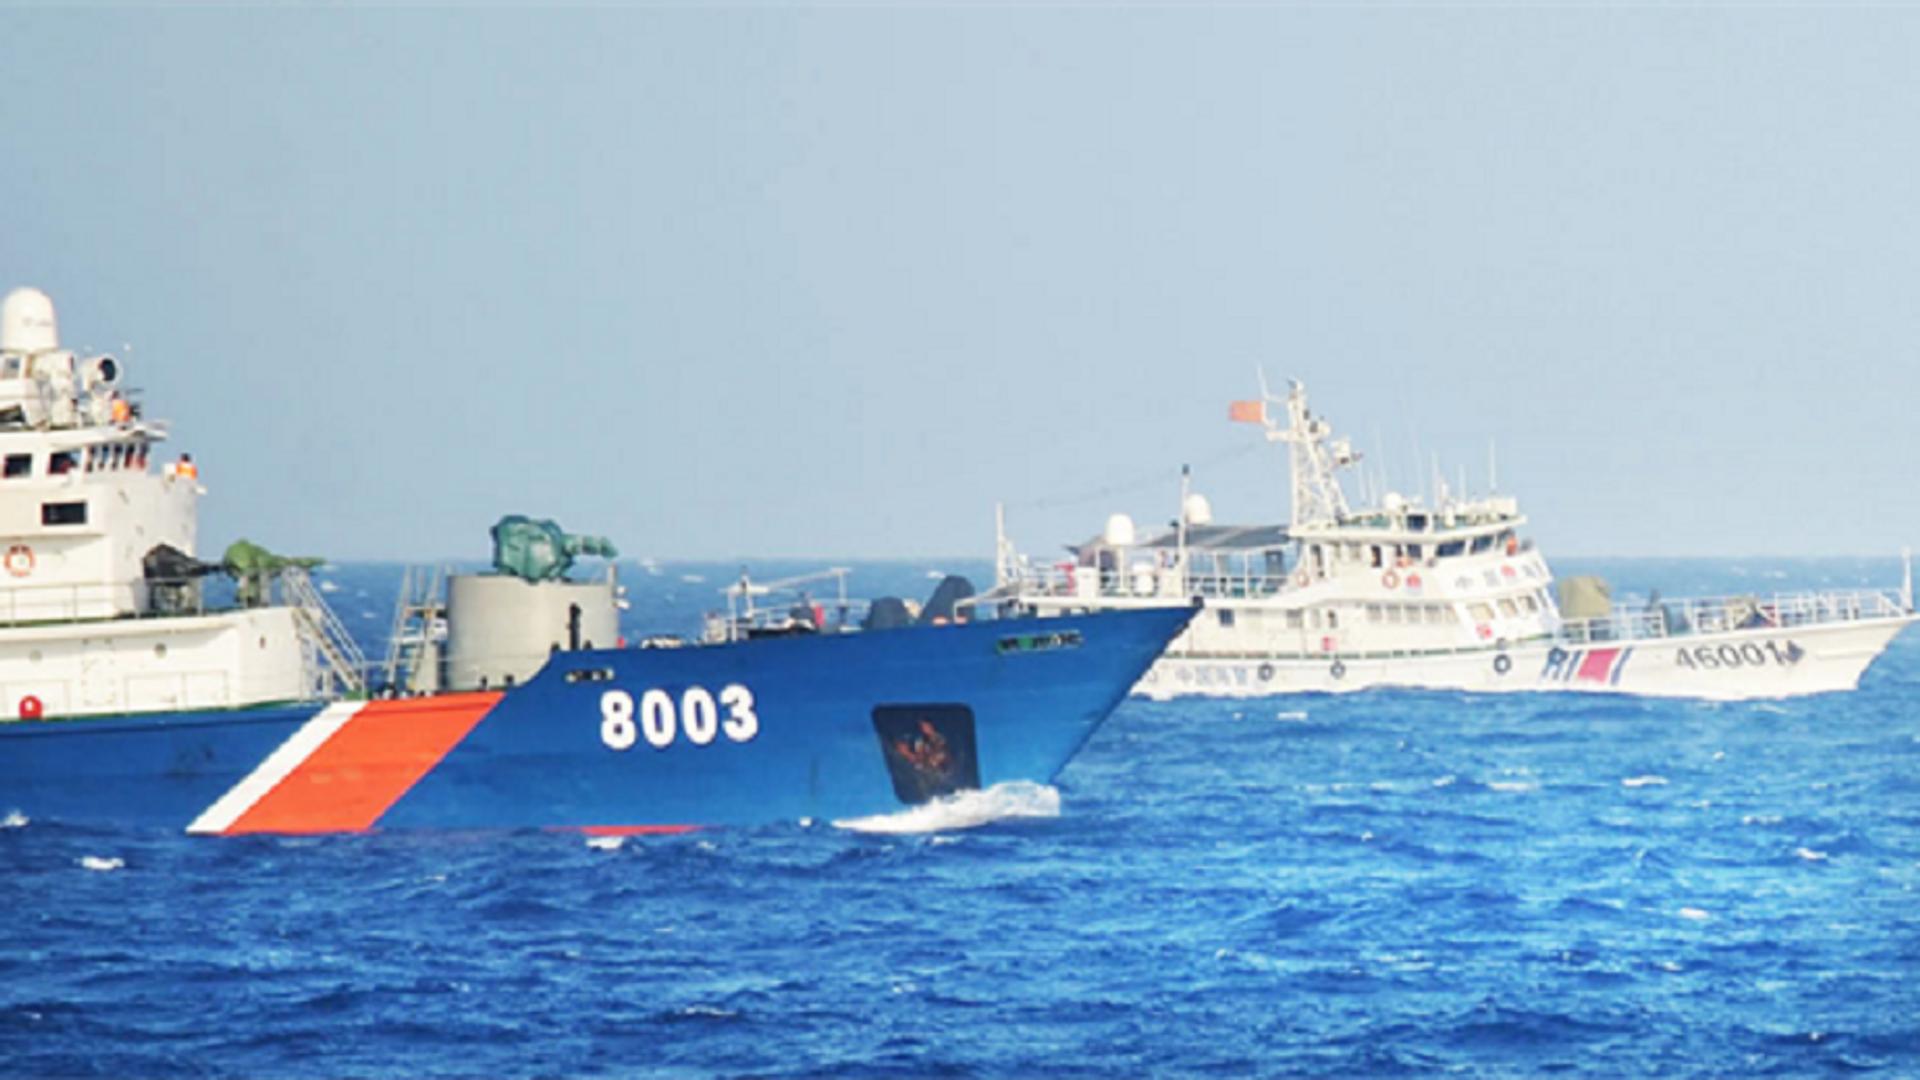 Tàu cảnh sát biển 8003 (bên trái) đang hoạt động chấp pháp tại vùng biển Hoàng Sa. - Sputnik Việt Nam, 1920, 11.10.2021